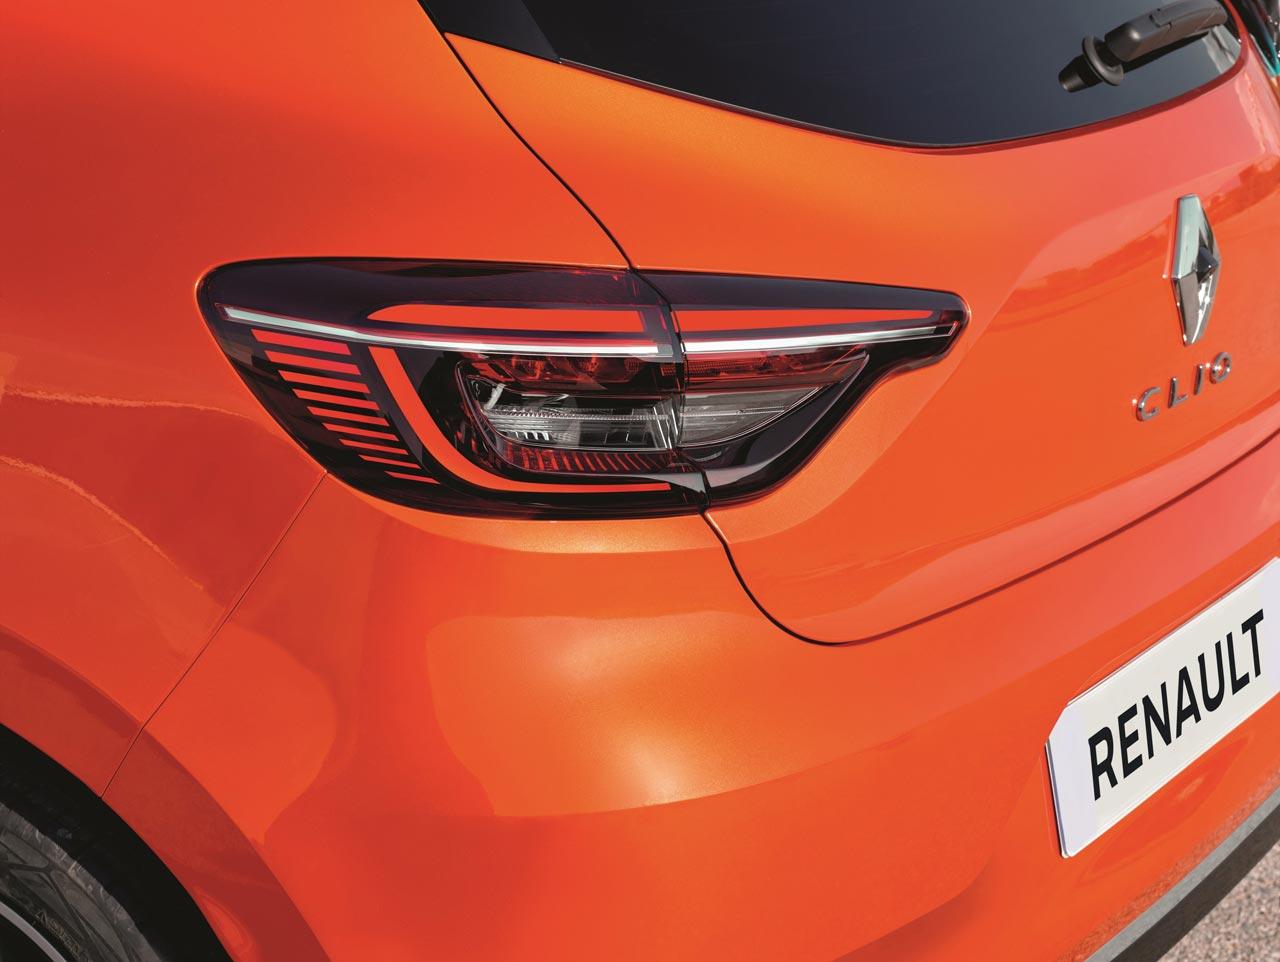 Venta De Autos Usados >> Con ustedes, el nuevo Renault Clio - Mega Autos